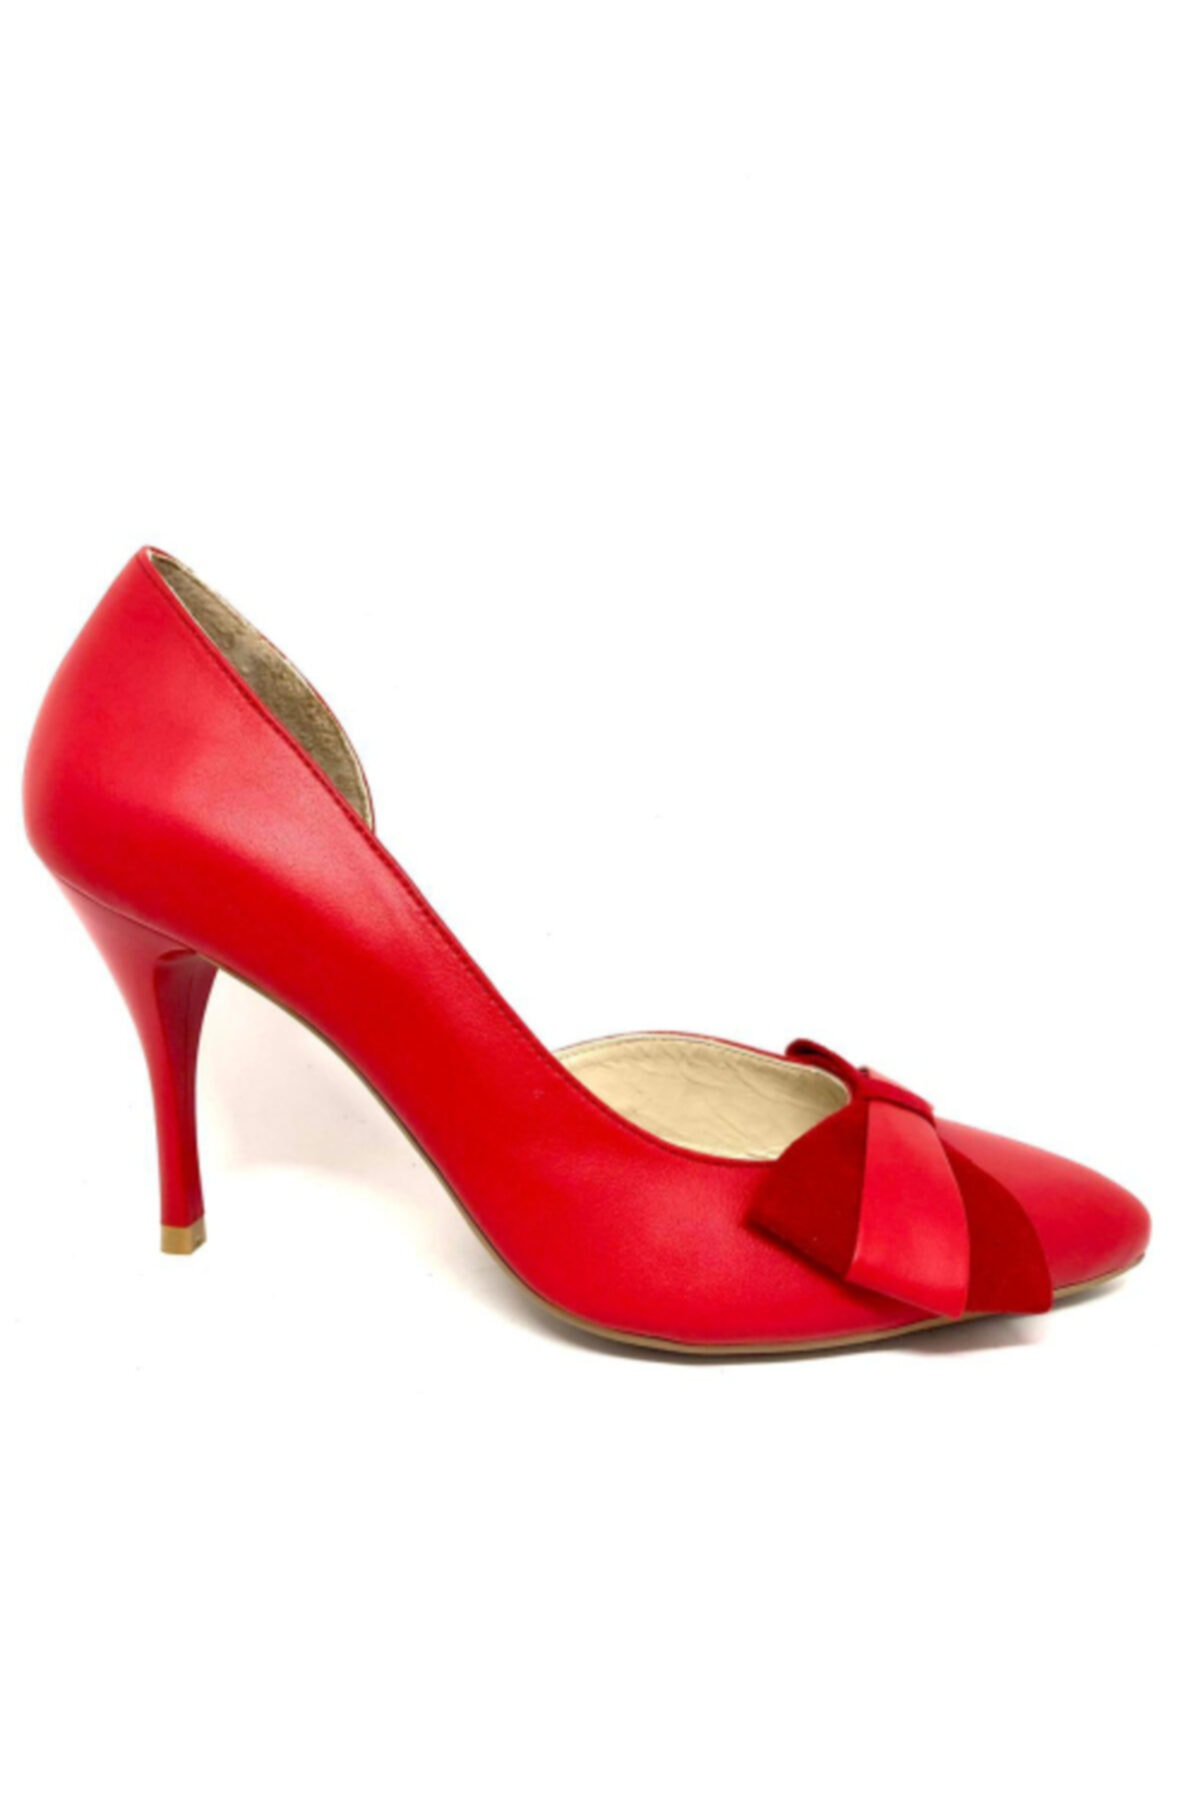 Mazzolino Kadın Fiyonklu Kırmızı Hakiki Süet Deri Stiletto Topuklu Ayakkabı 2120